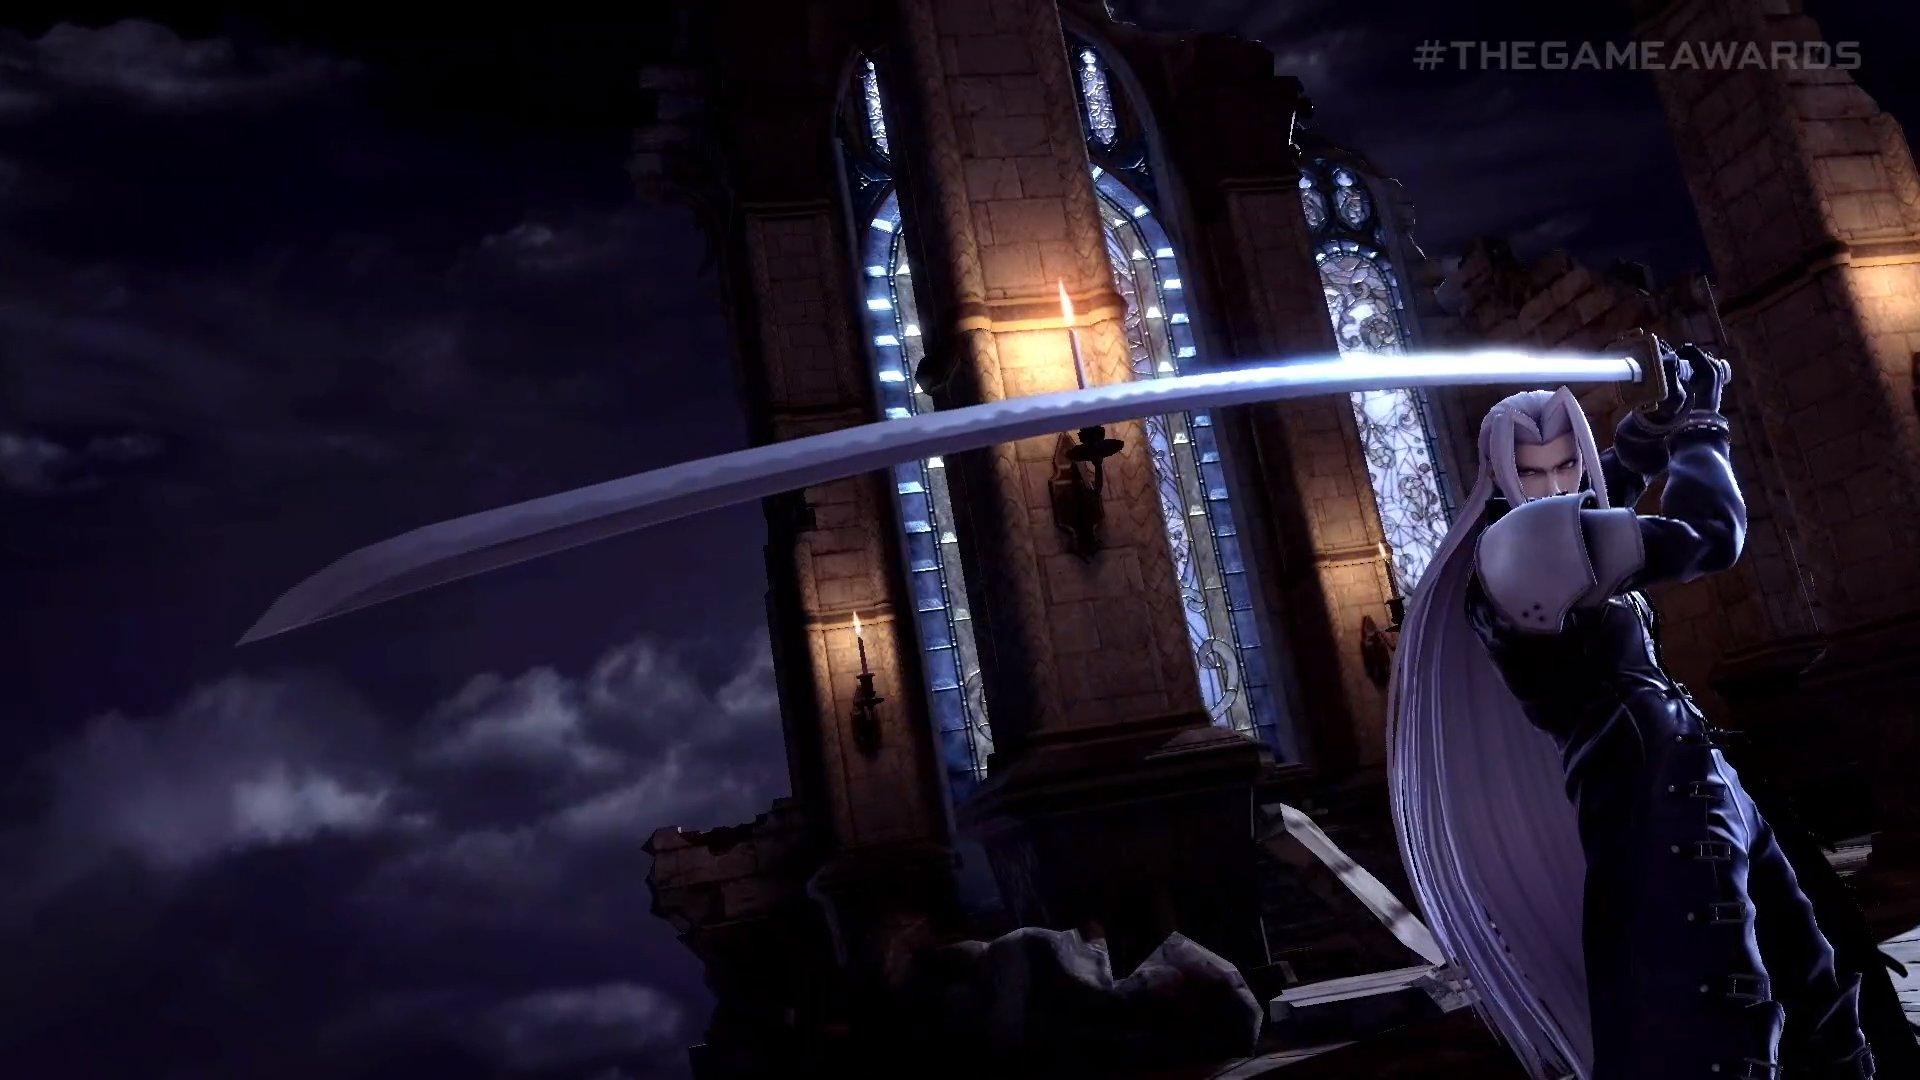 《FF7》人气角色萨菲罗斯加入《任天堂全明星大乱斗》